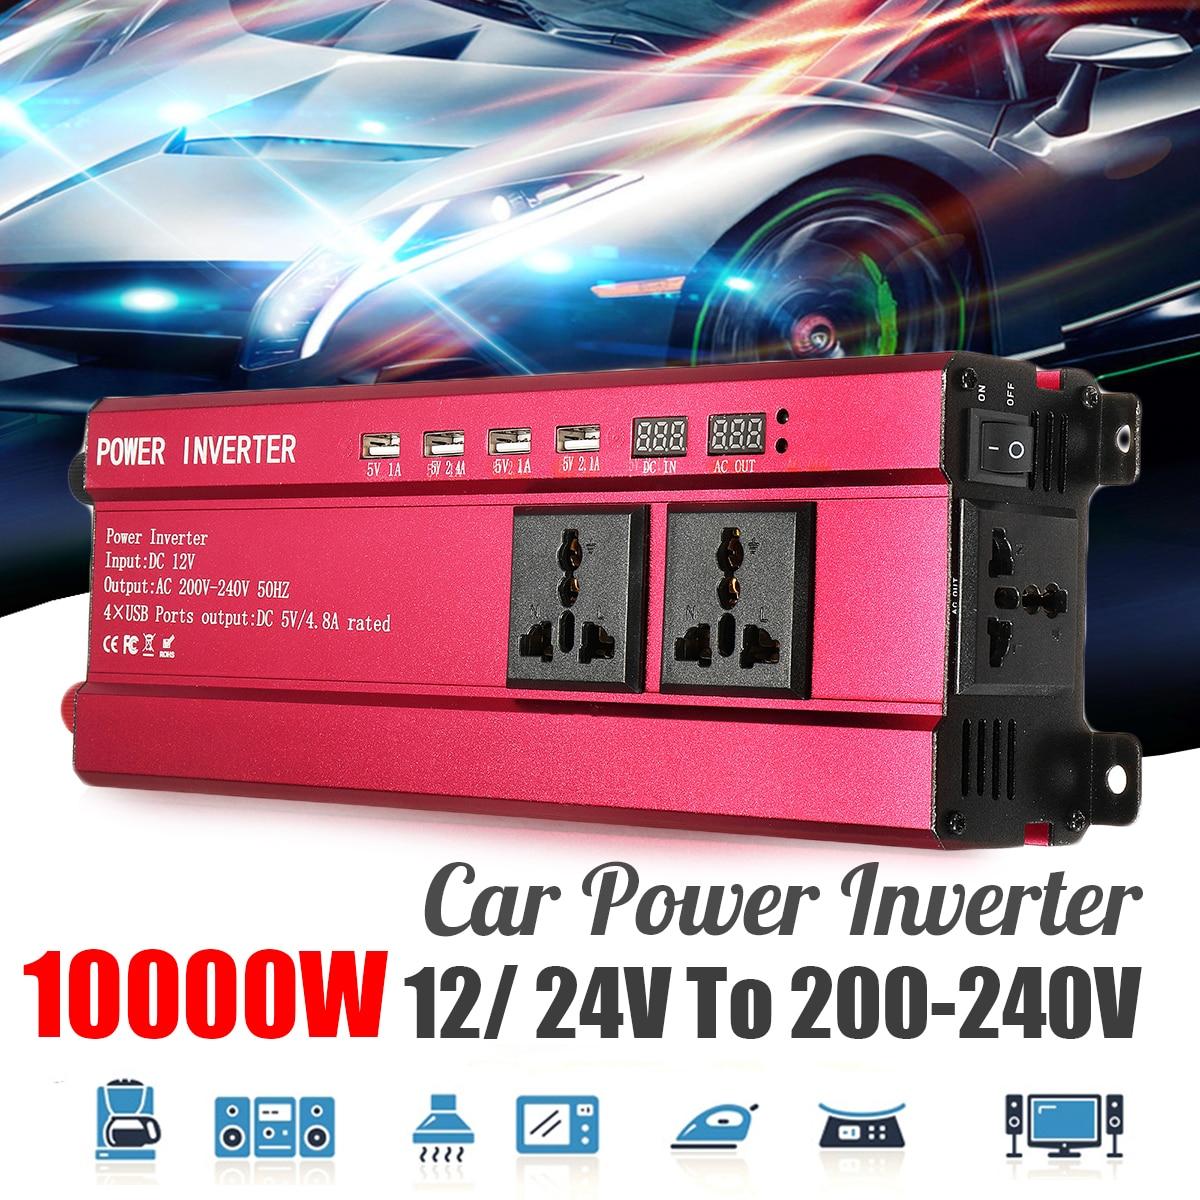 Car Solar Power Inverter P eak 10000W DC 12V to AC 200-240V Sine Wave USB Converter Voltage Transformer USB Modified Sine Wave цены